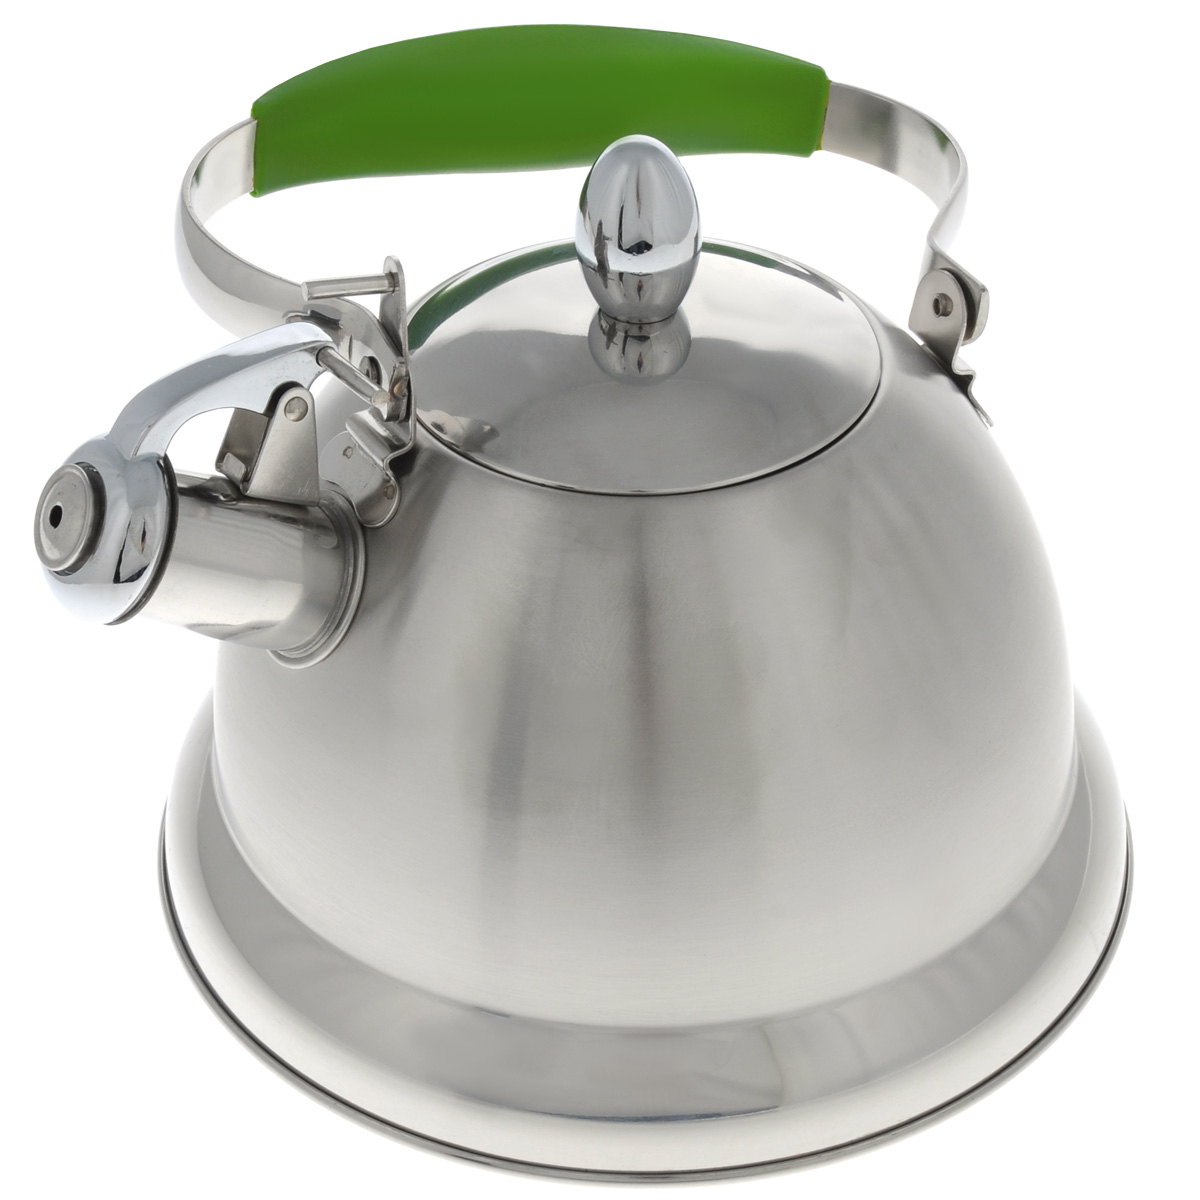 Чайник Mayer & Boch, со свистком, цвет: салатовый, стальной, 3 л. 2320668/5/4Чайник Mayer & Boch выполнен из высококачественной нержавеющей стали, что обеспечивает долговечность использования. Сочетание матовой и глянцевой поверхности придает посуде эстетичный внешний вид. Ручка оснащена силиконовой вставкой для предотвращения ожогов на руках. Чайник снабжен свистком и устройством для открывания носика. Можно мыть в посудомоечной машине. Пригоден для газовой, электрической, стеклокерамической, галогеновой плиты.Диаметр (по верхнему краю): 10 см. Высота чайника (без учета крышки и ручки): 14 см.Диаметр основания: 22 см.